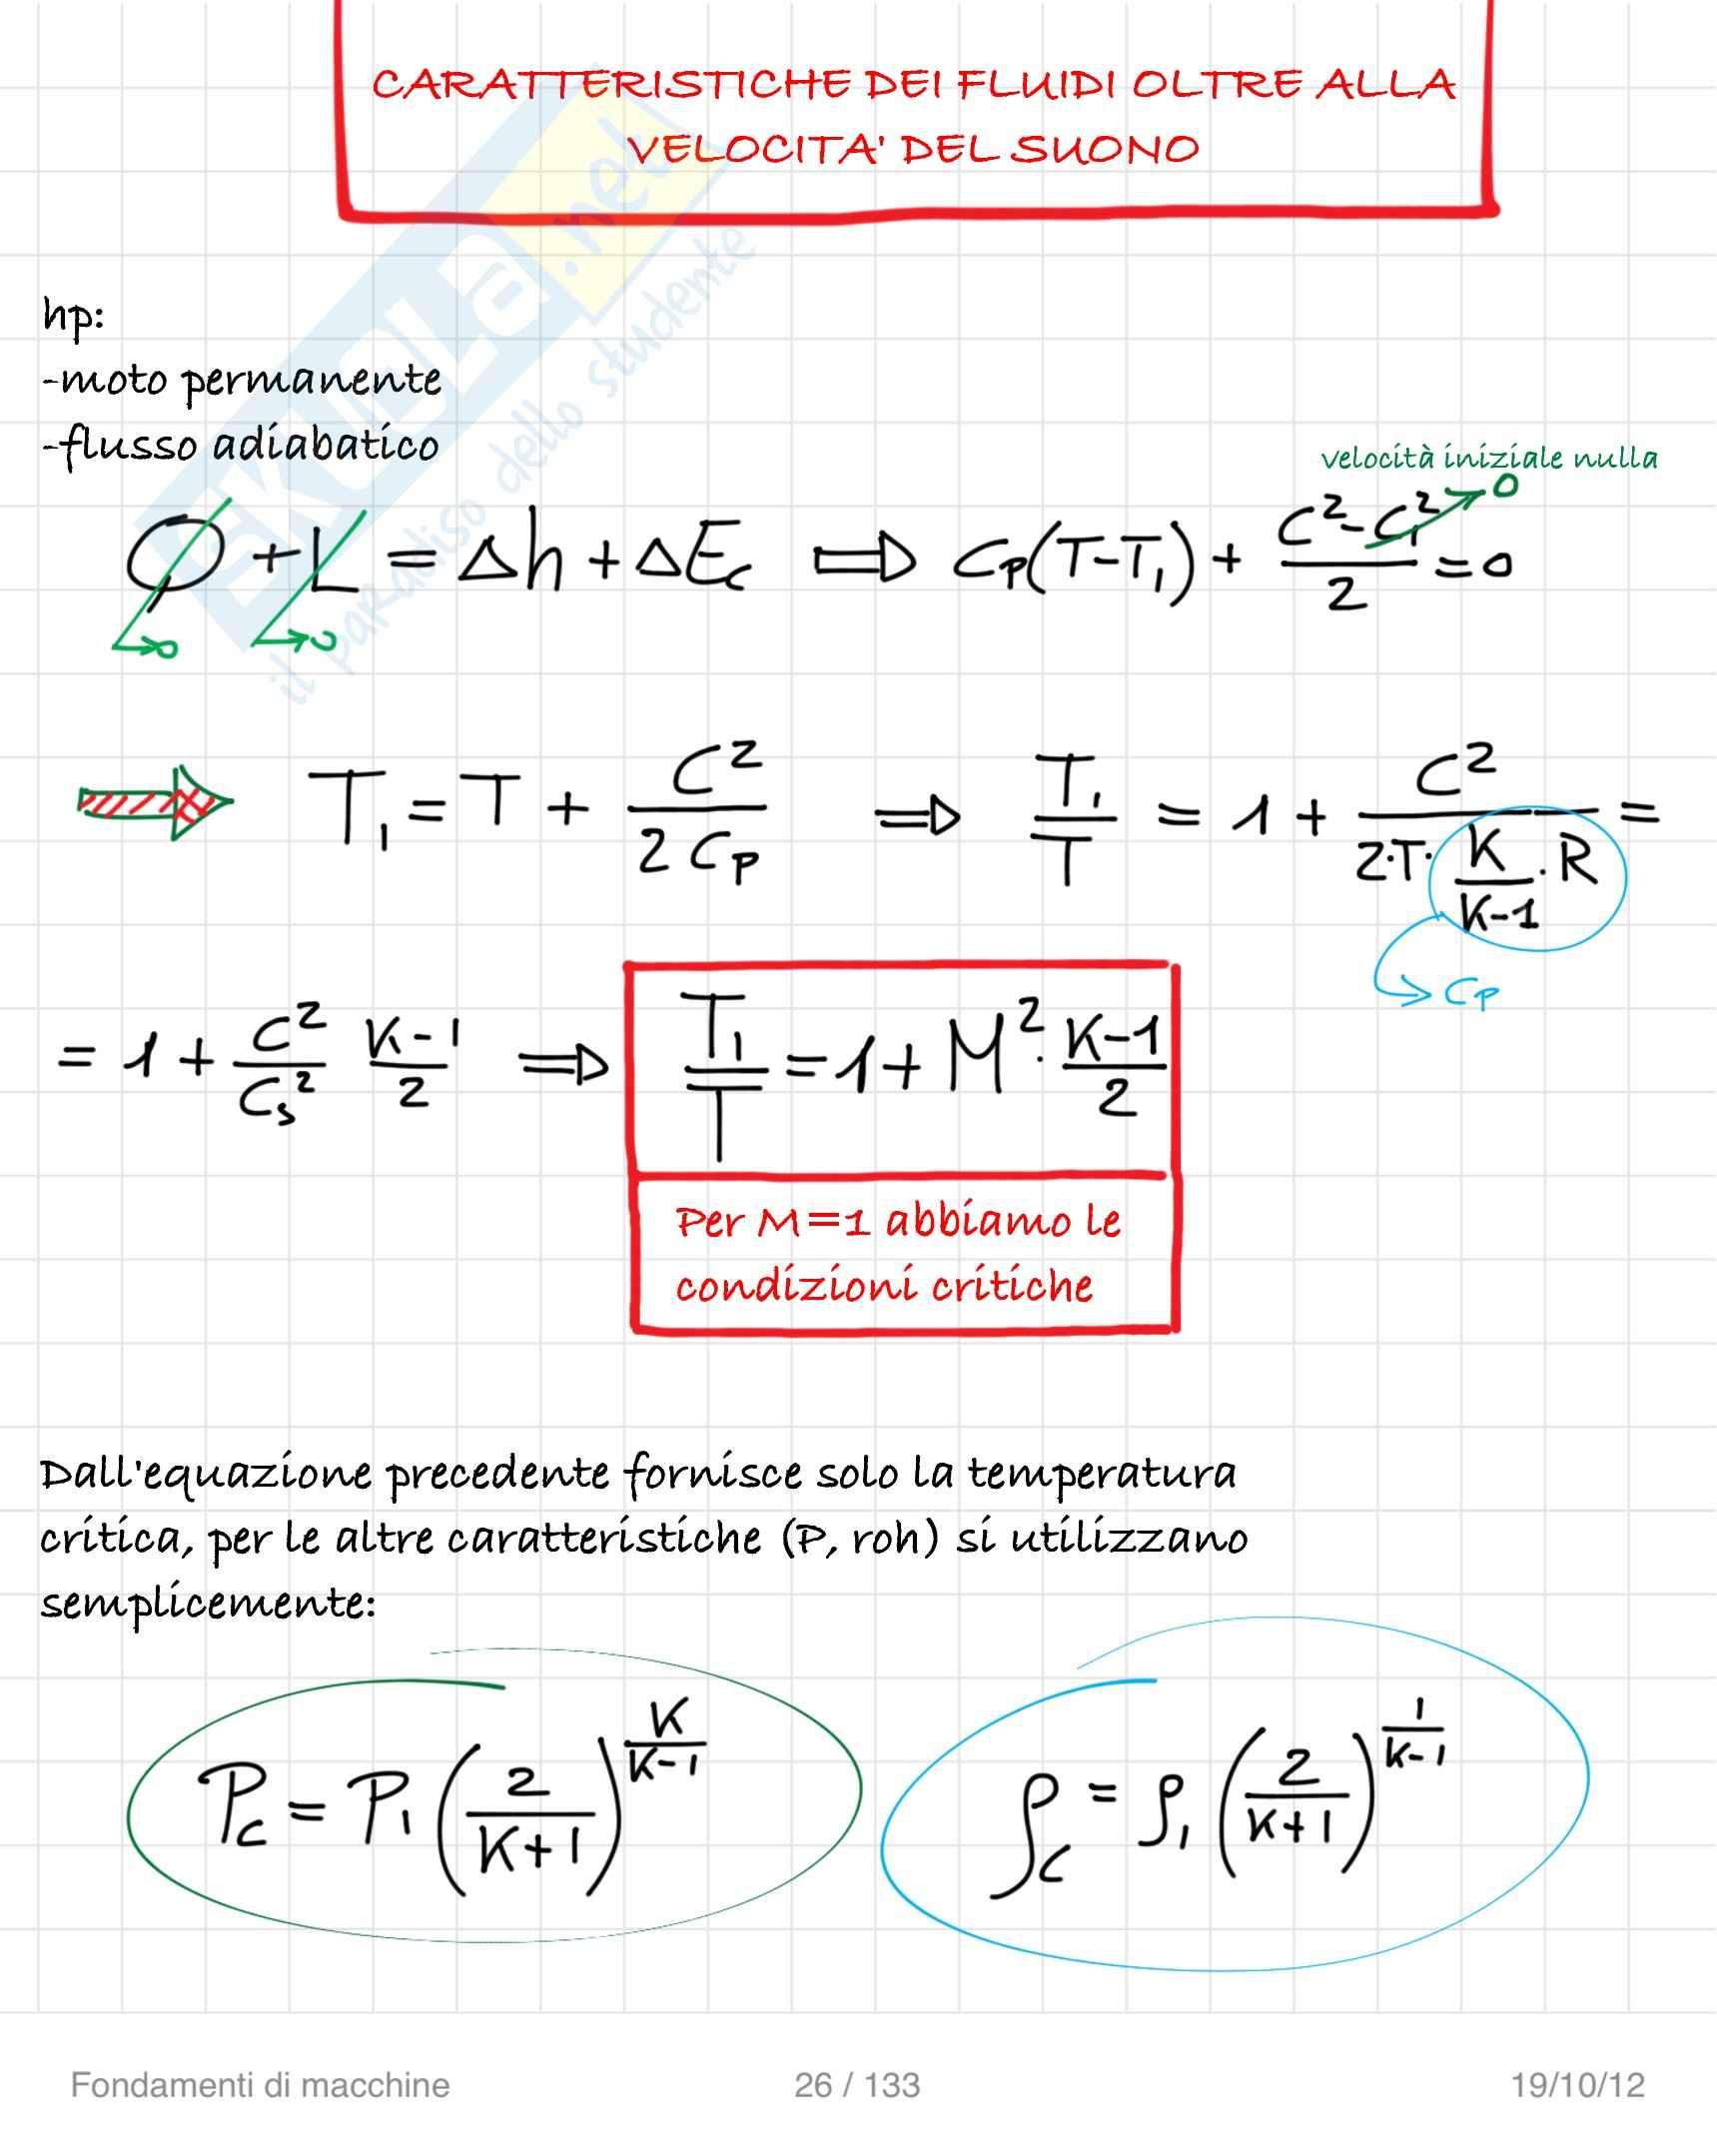 Lezioni ed esercitazioni: Appunti di Fondamenti macchine Pag. 26